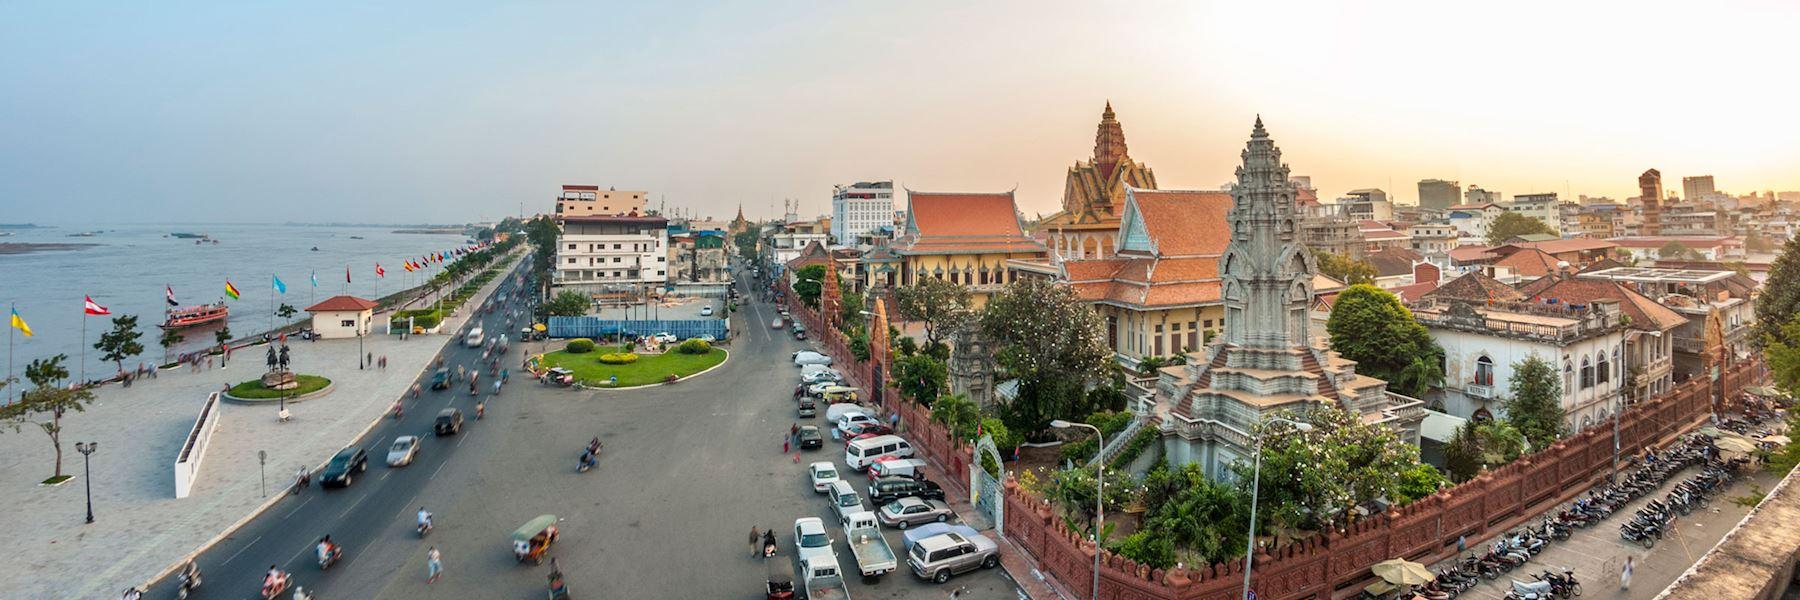 Cambodia vacations  2019 & 2020